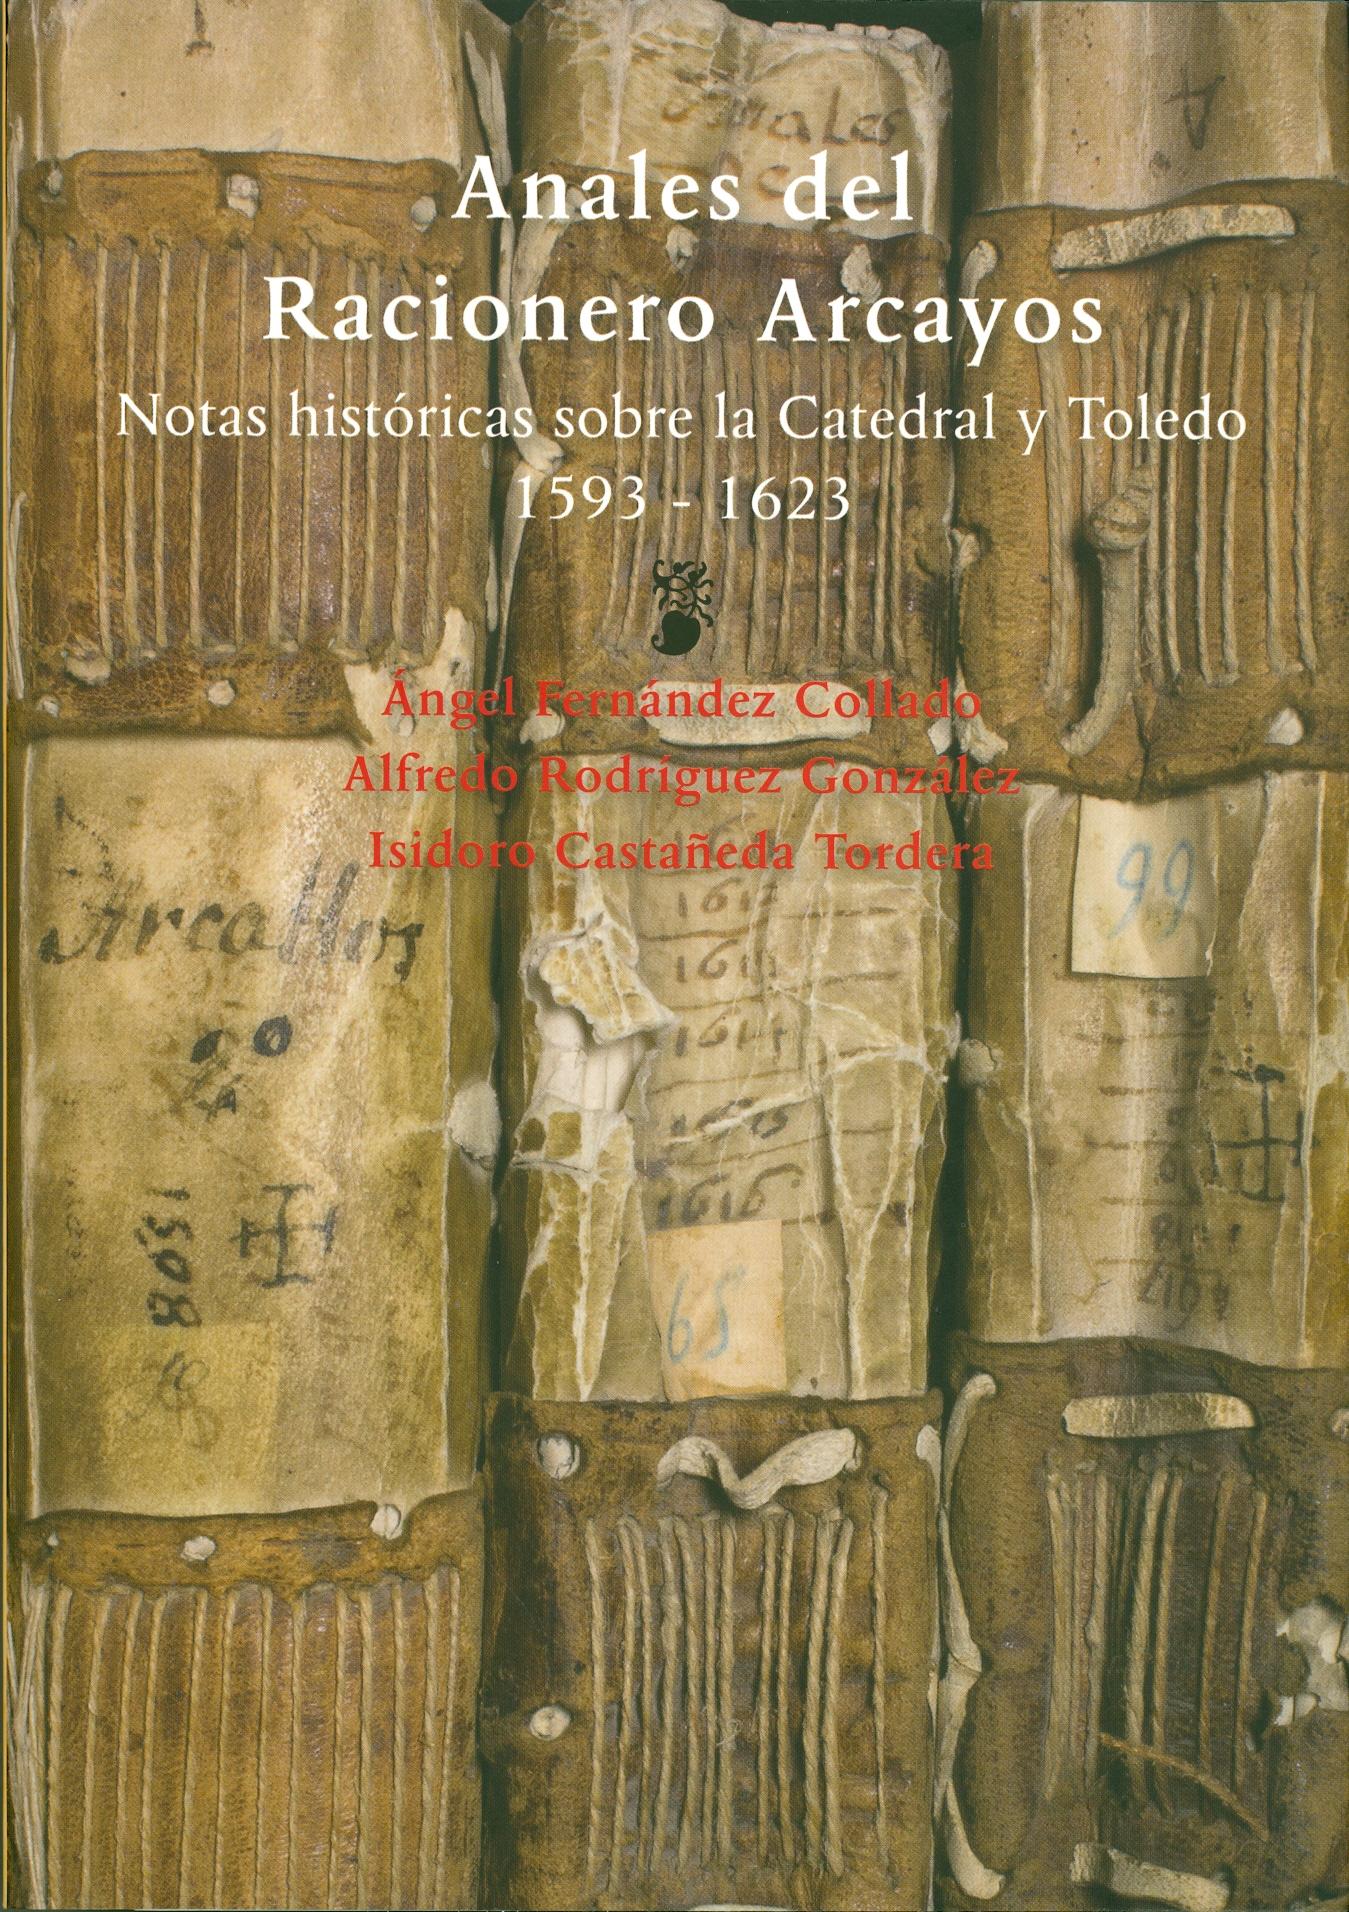 Anales del Racionero Juan de Chaves Arcayos. Notas históricas sobre la Catedral y Toledo 1593-1623